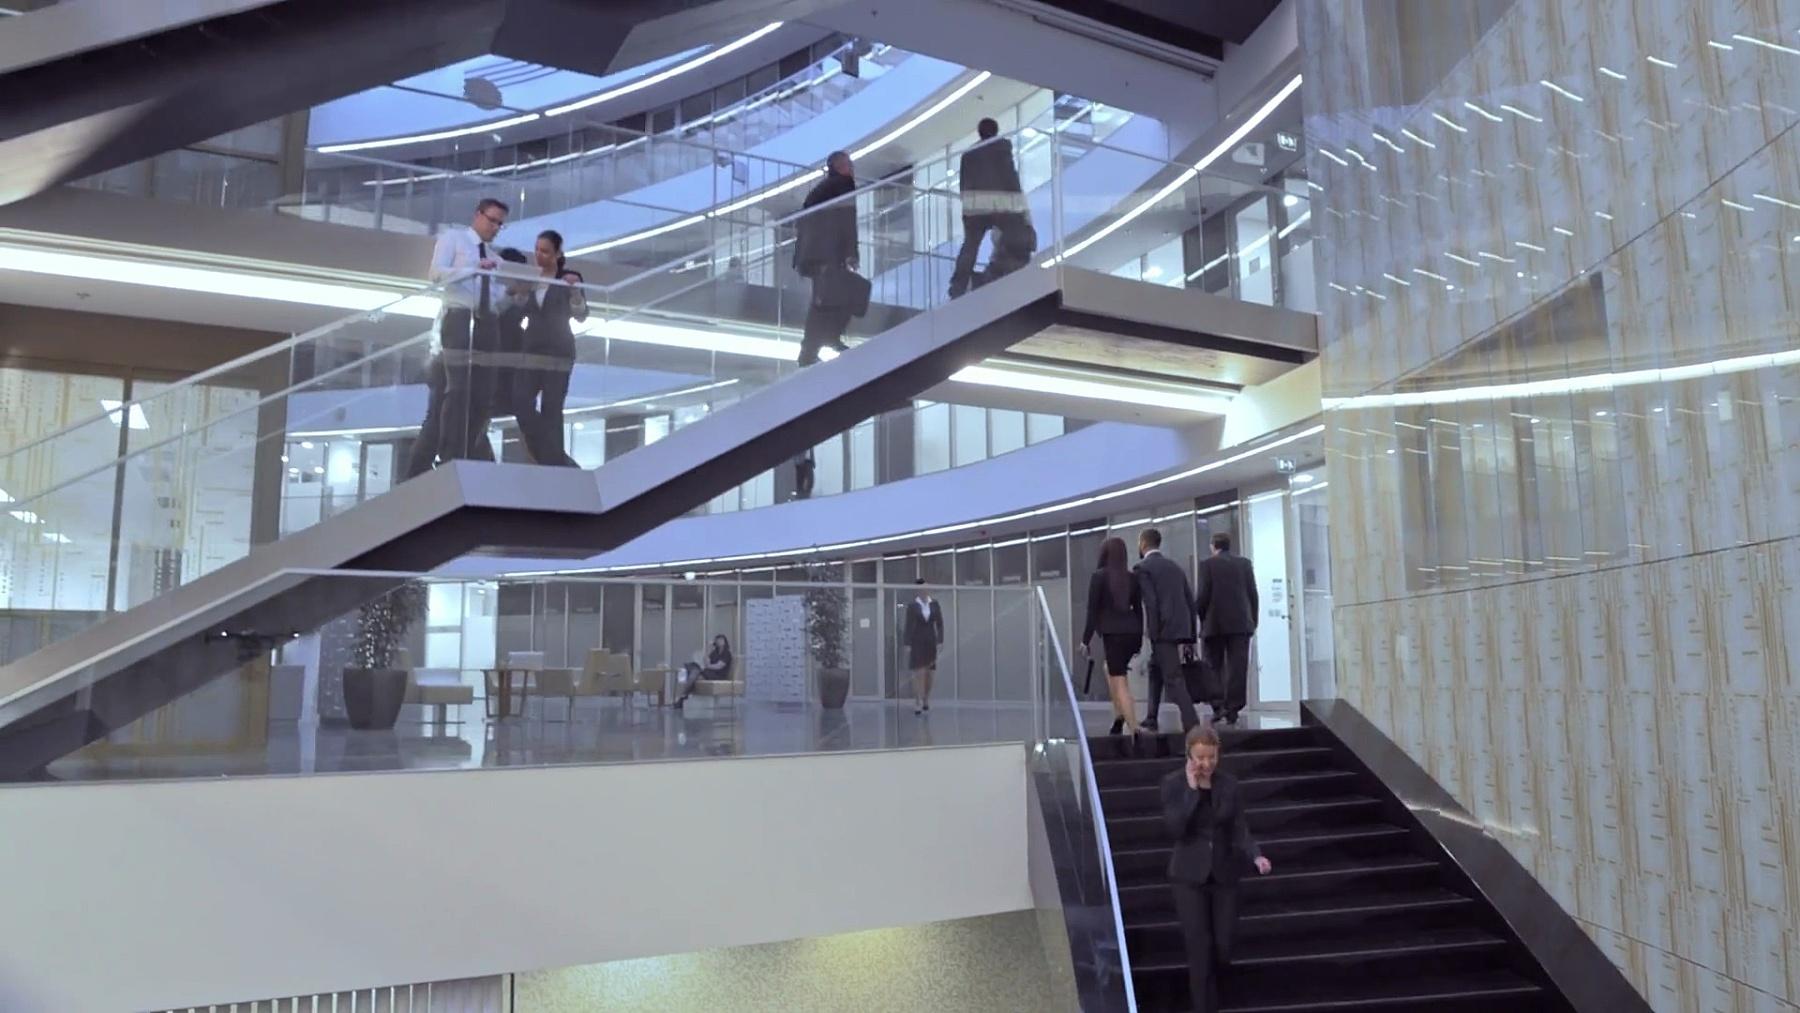 空中繁忙的商务楼楼梯